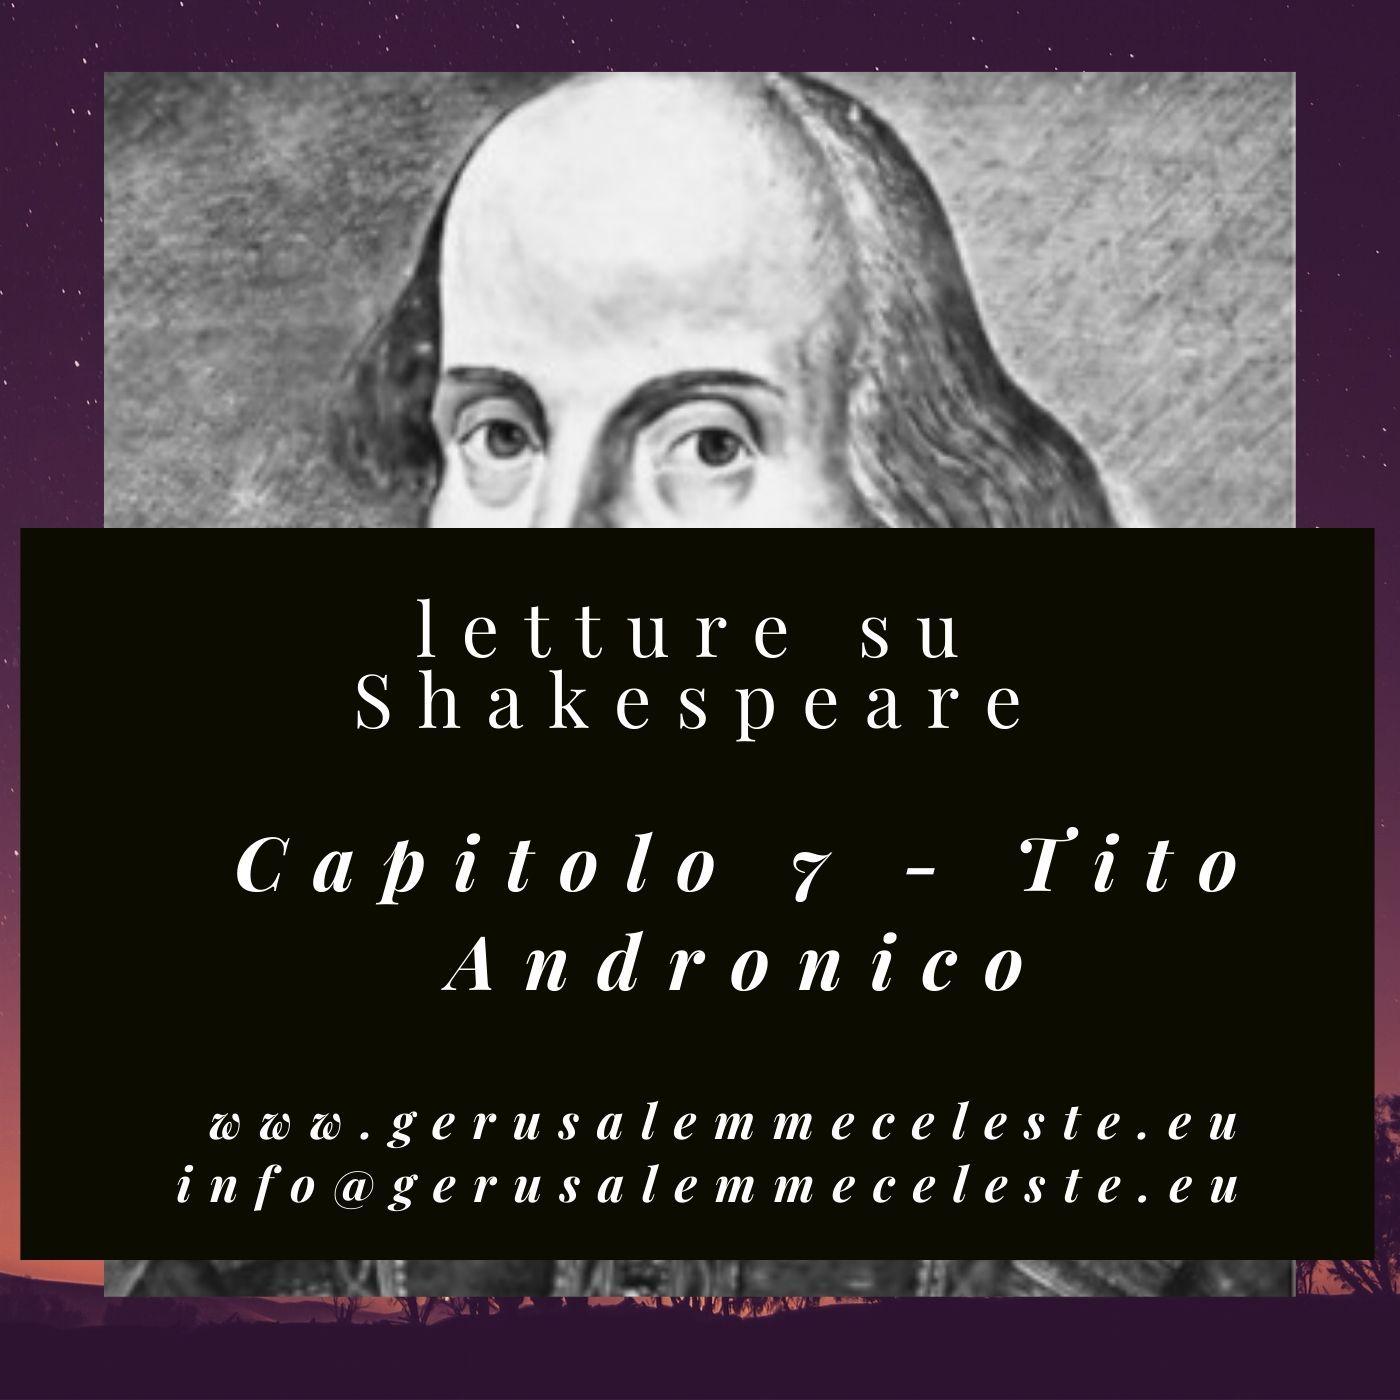 Capitolo 7 - Tito Andronico